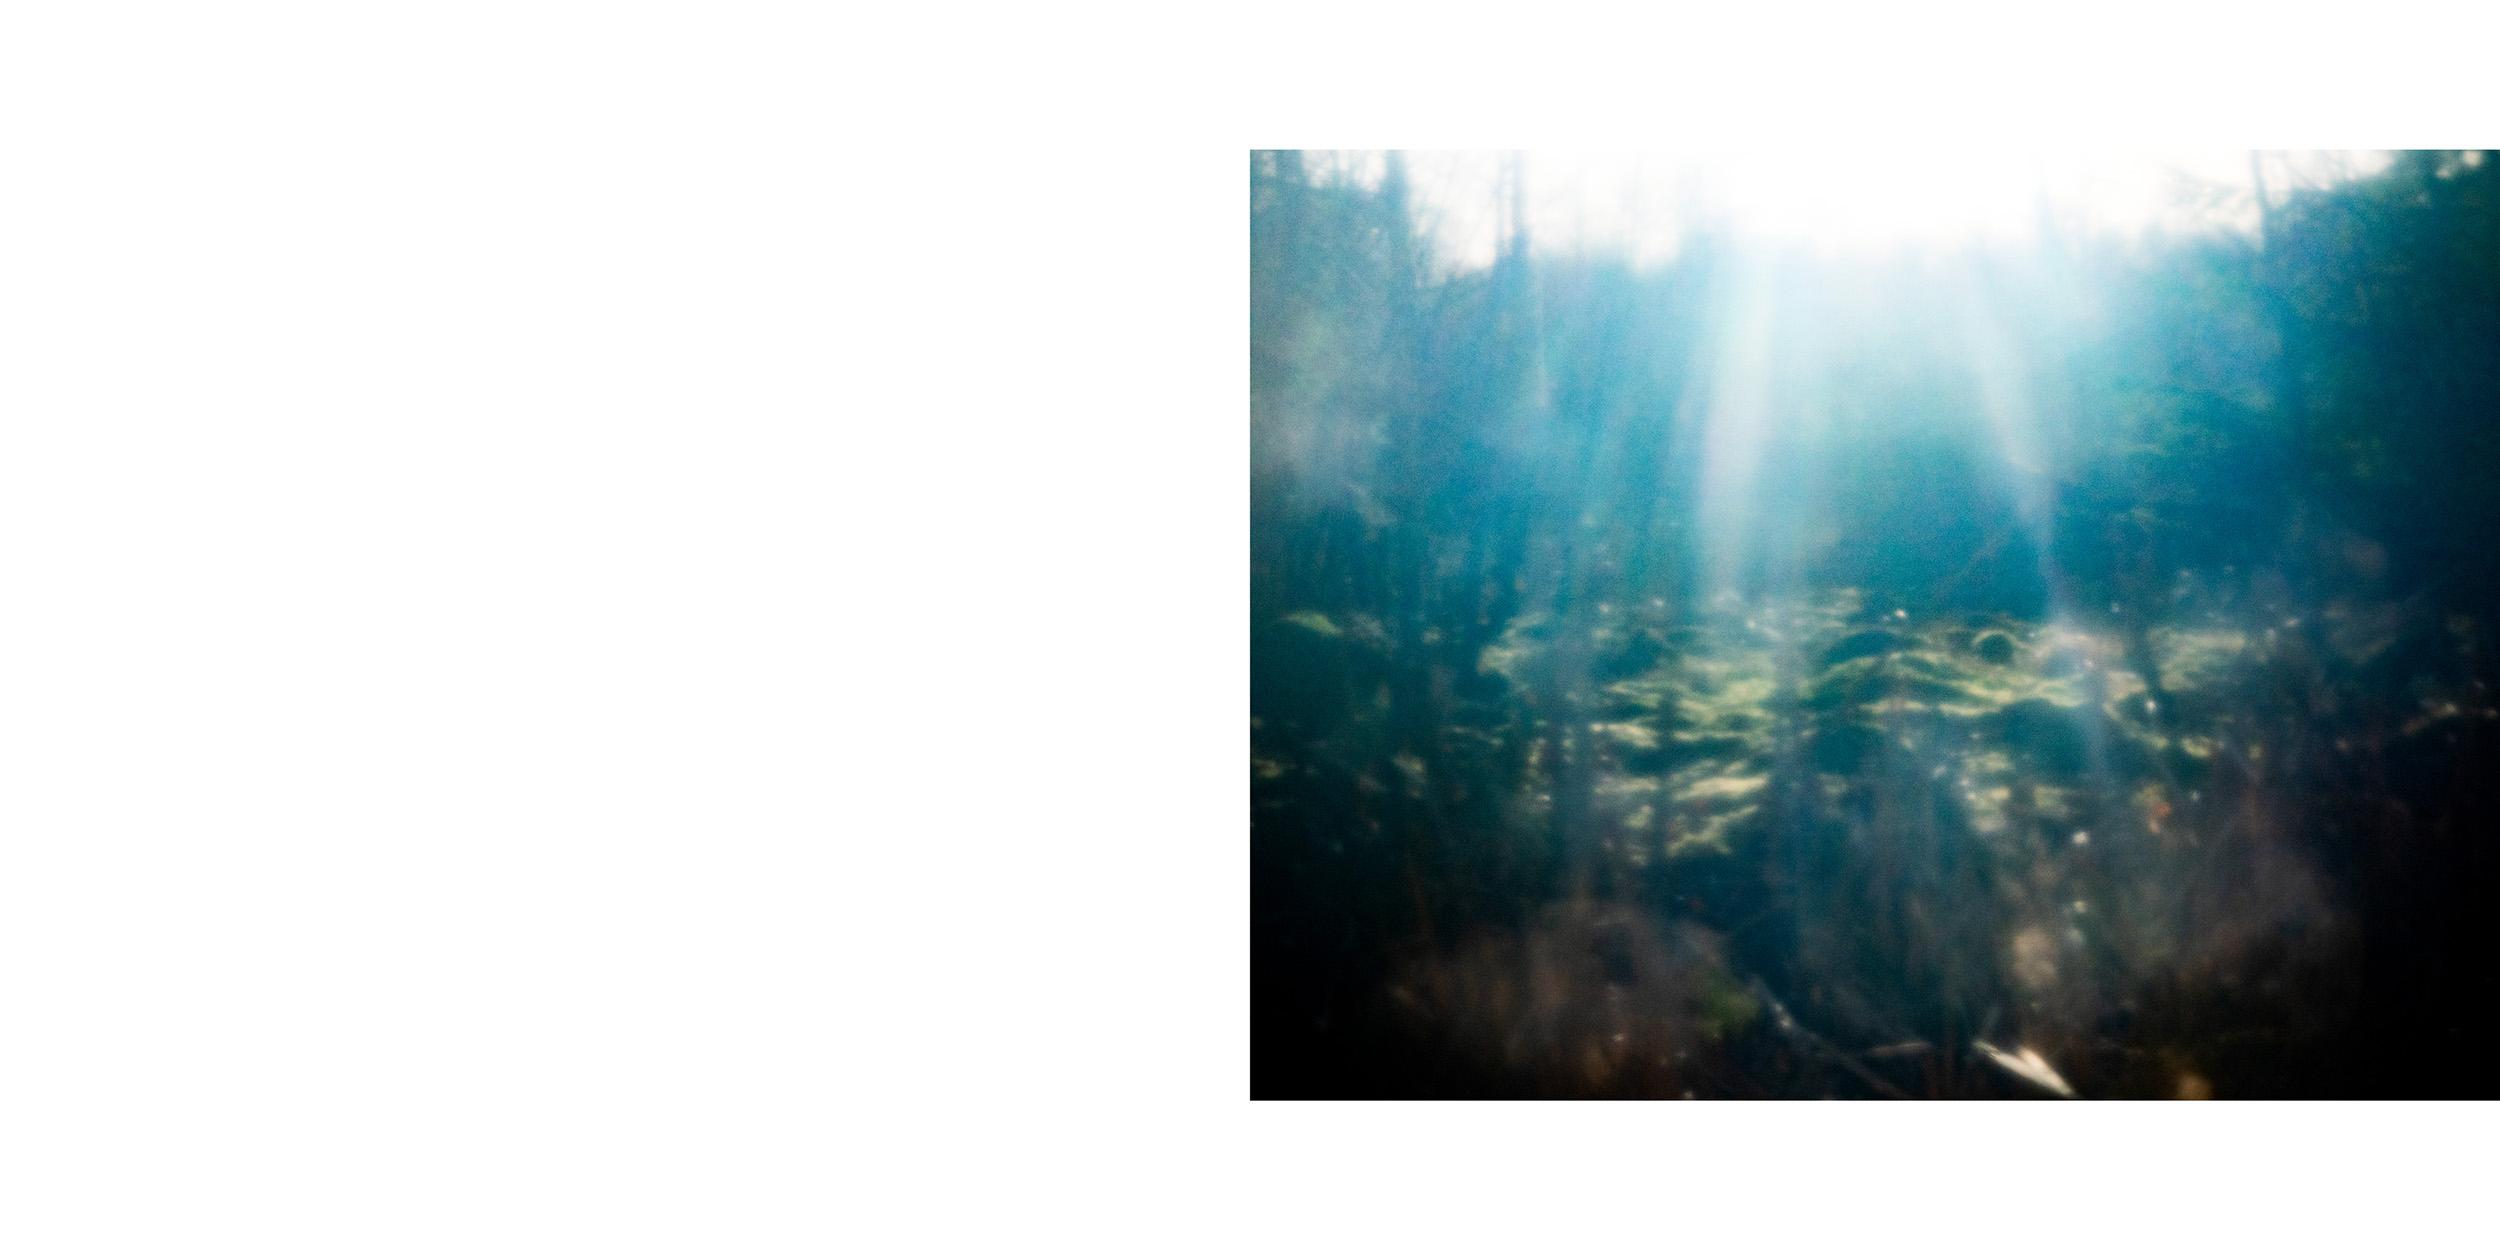 fotoskolen fatamorgana_16-17.jpg